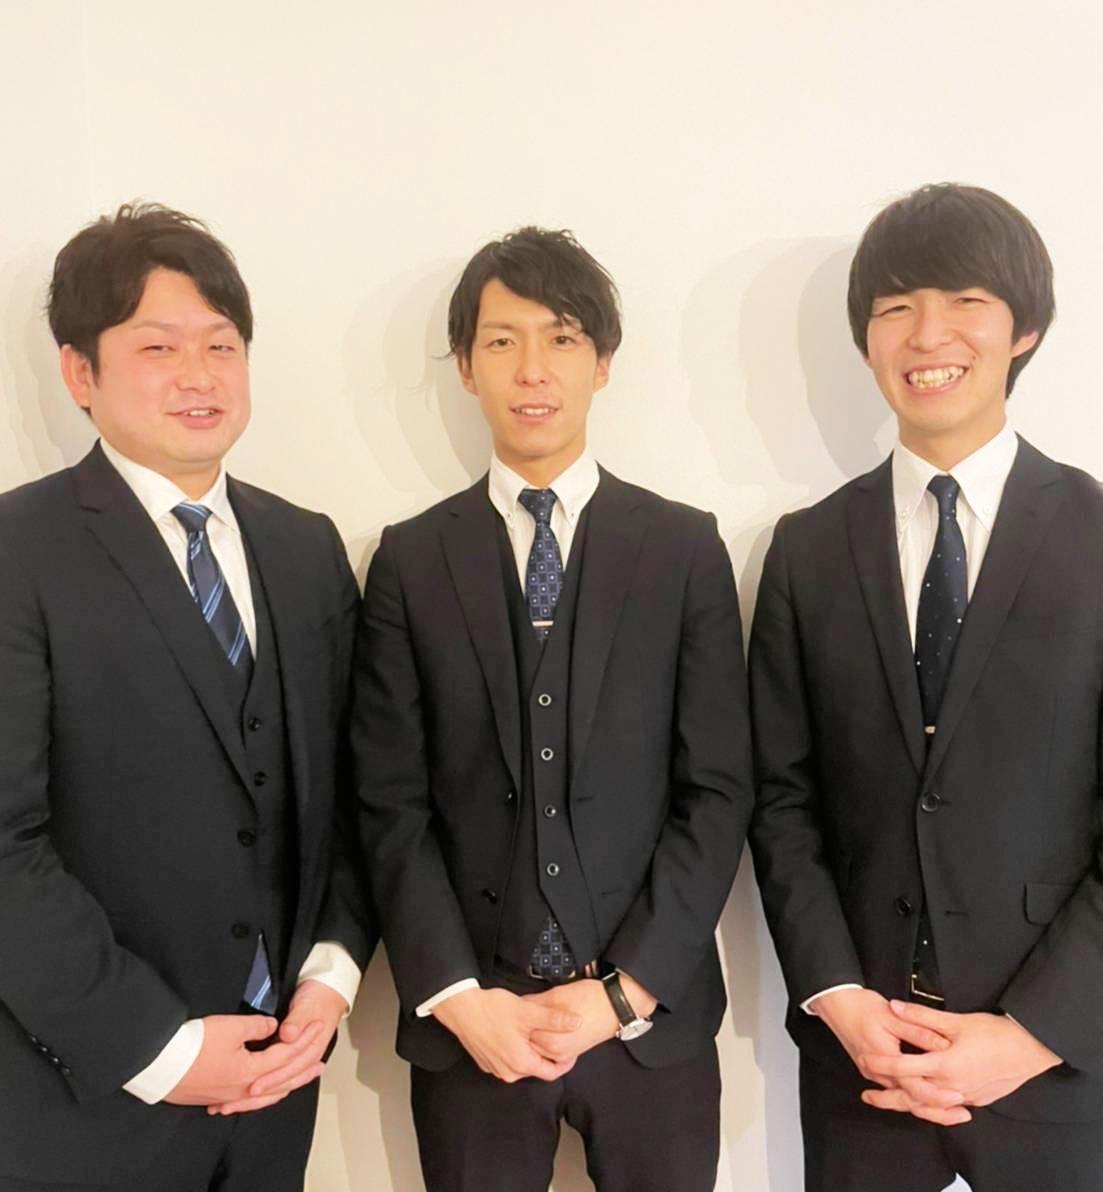 尾前損害調査オフィスの北野康太さん、羽角元希さん、羽角雄基さん(左から)